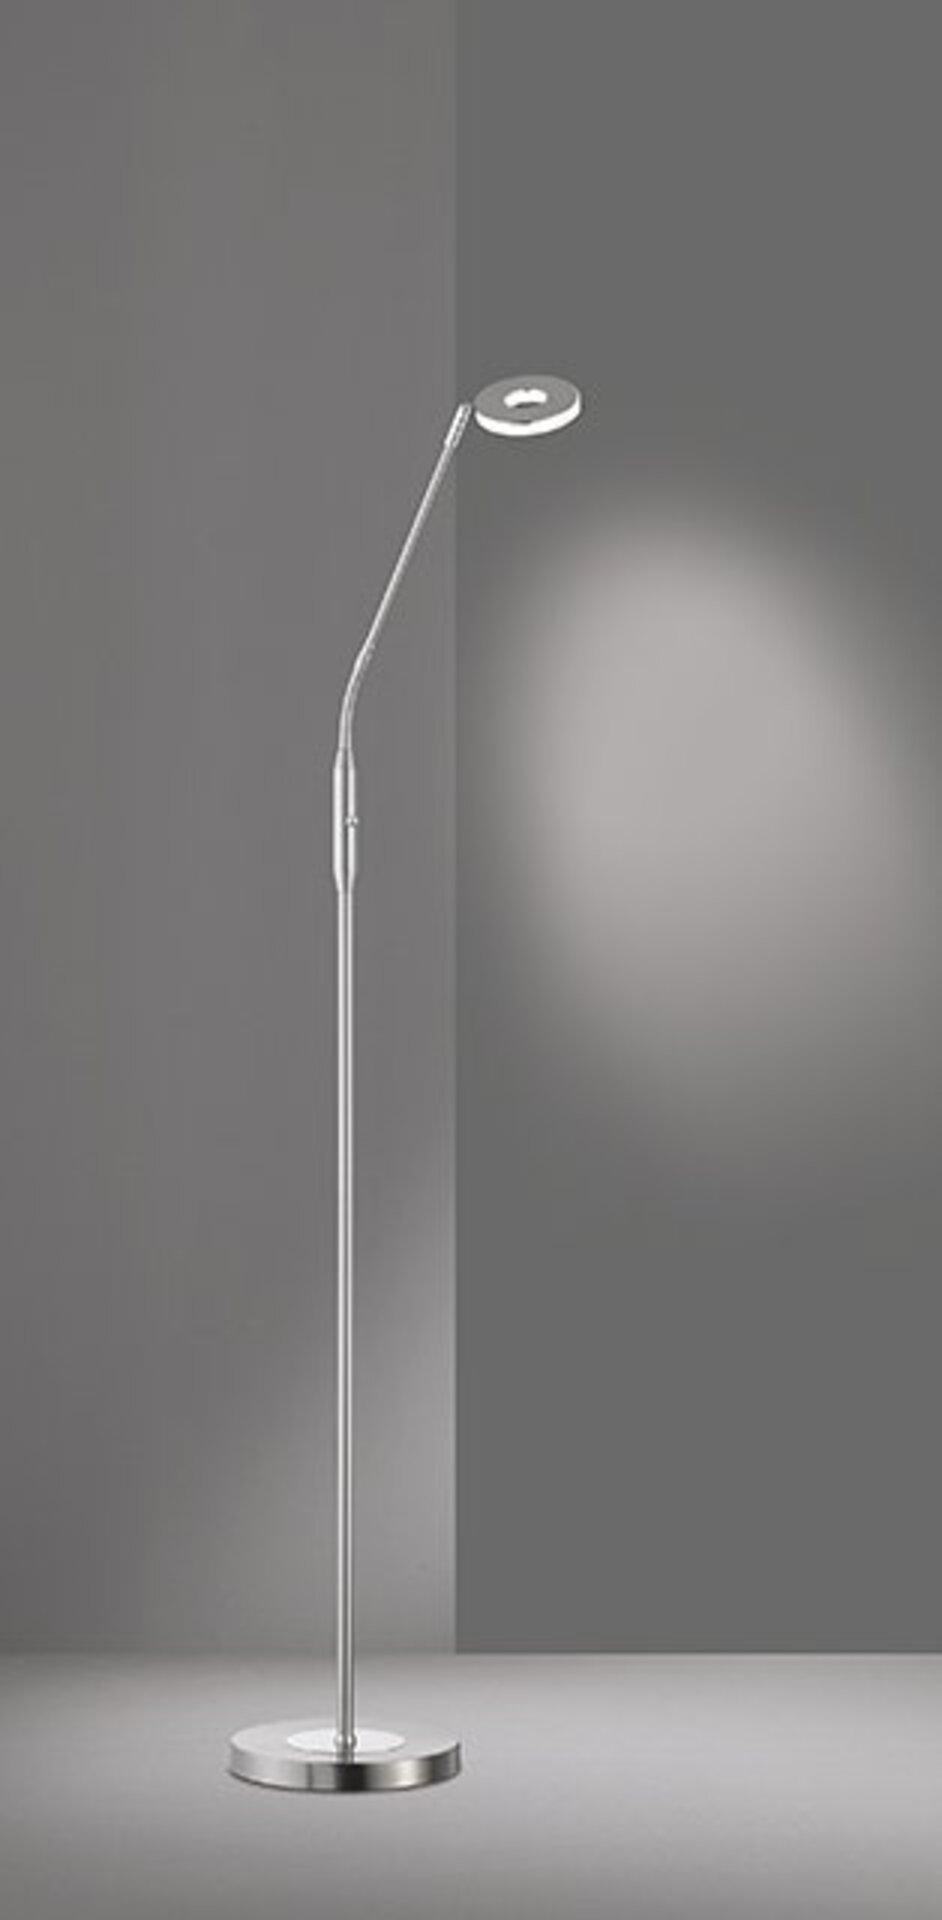 Stehleuchte Dent Fischer-Honsel Metall 23 x 150 x 23 cm